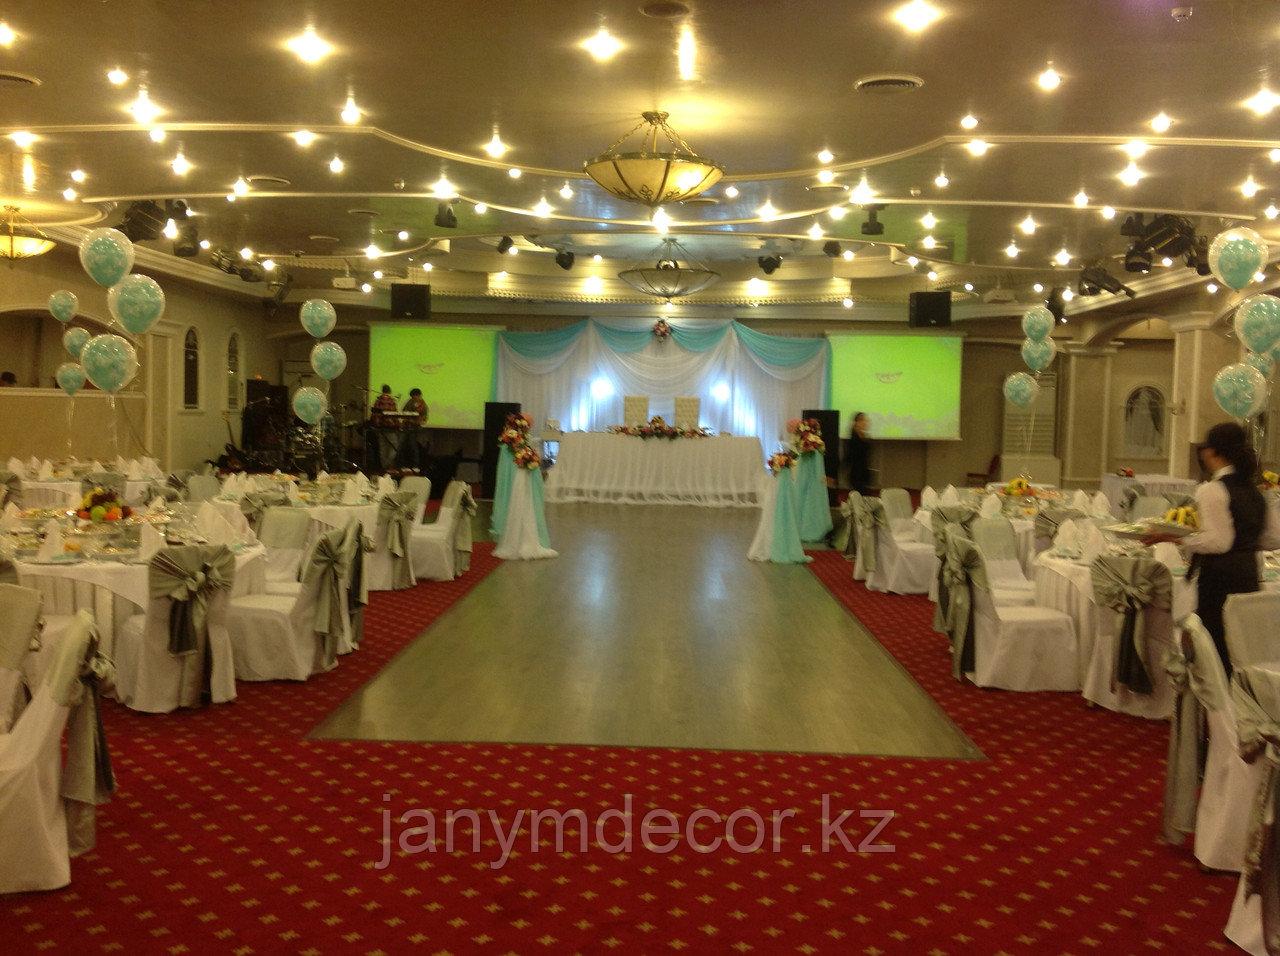 Оформление свадьбы в зале Esperanza - фото 3